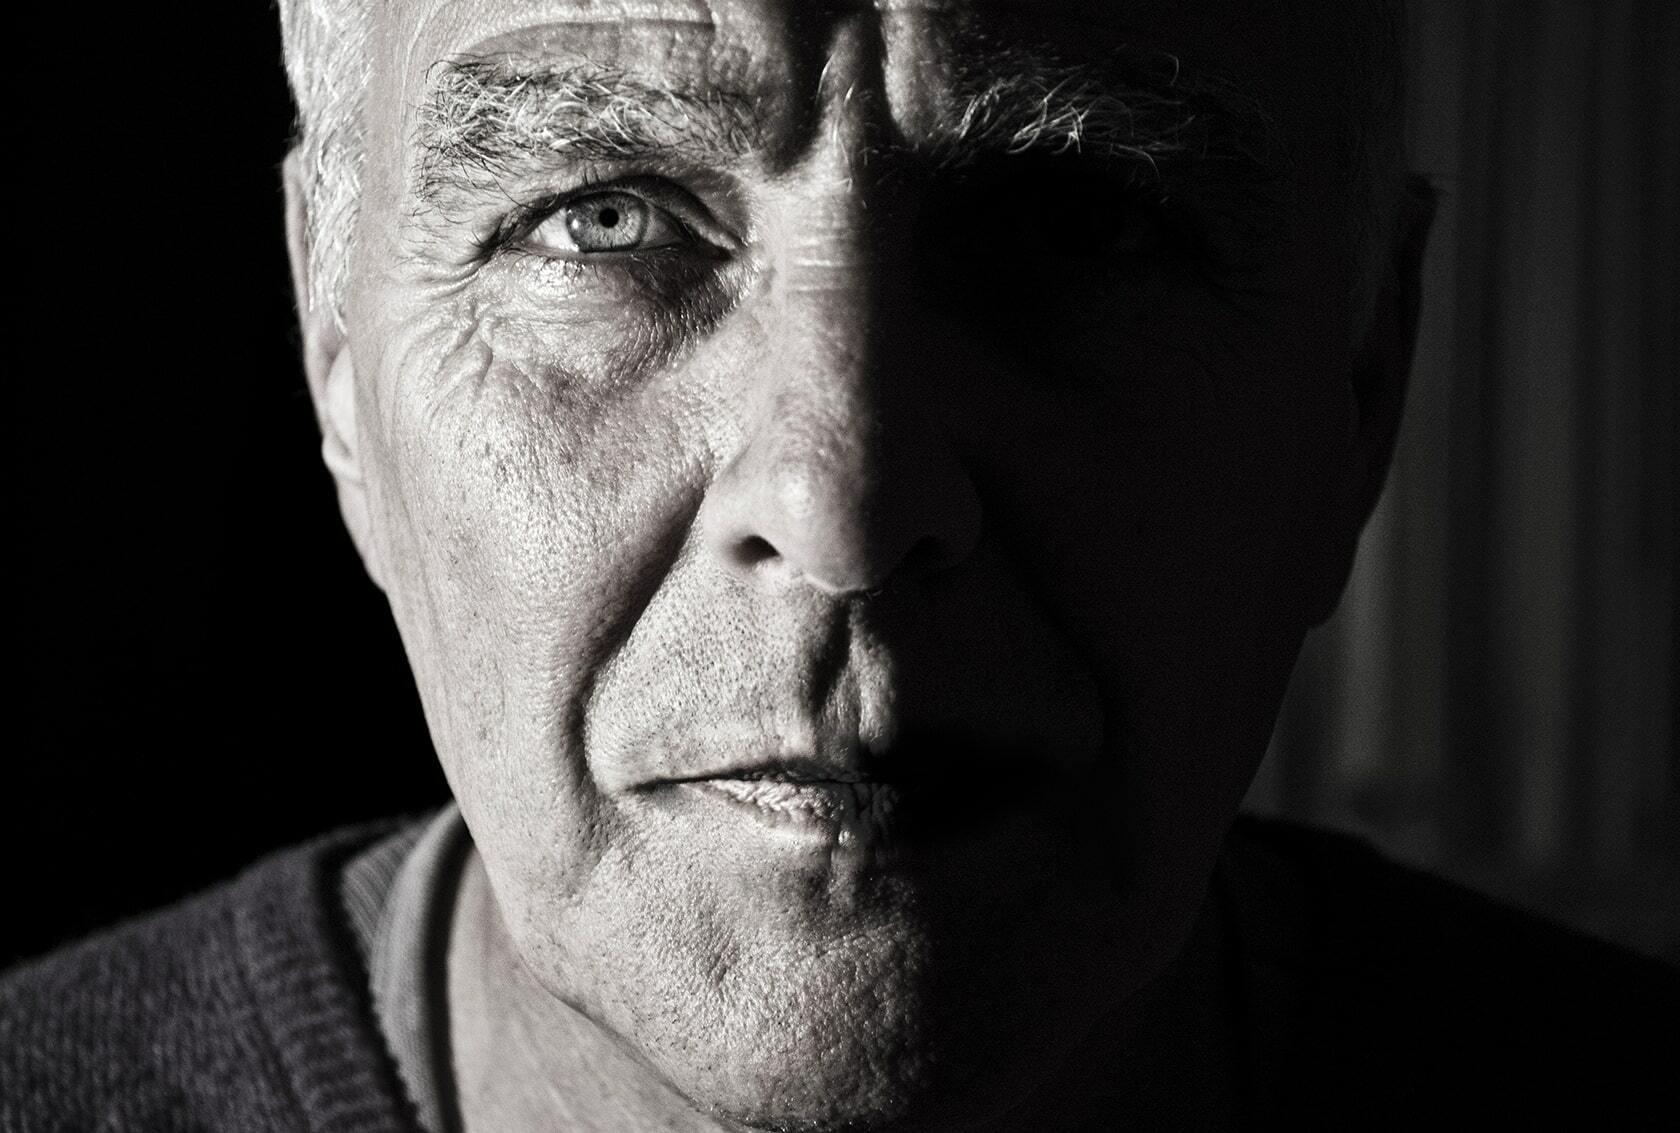 Portretfoto van persoon in zwart/wit uit fotografie collectie mensen van Simon Wijers